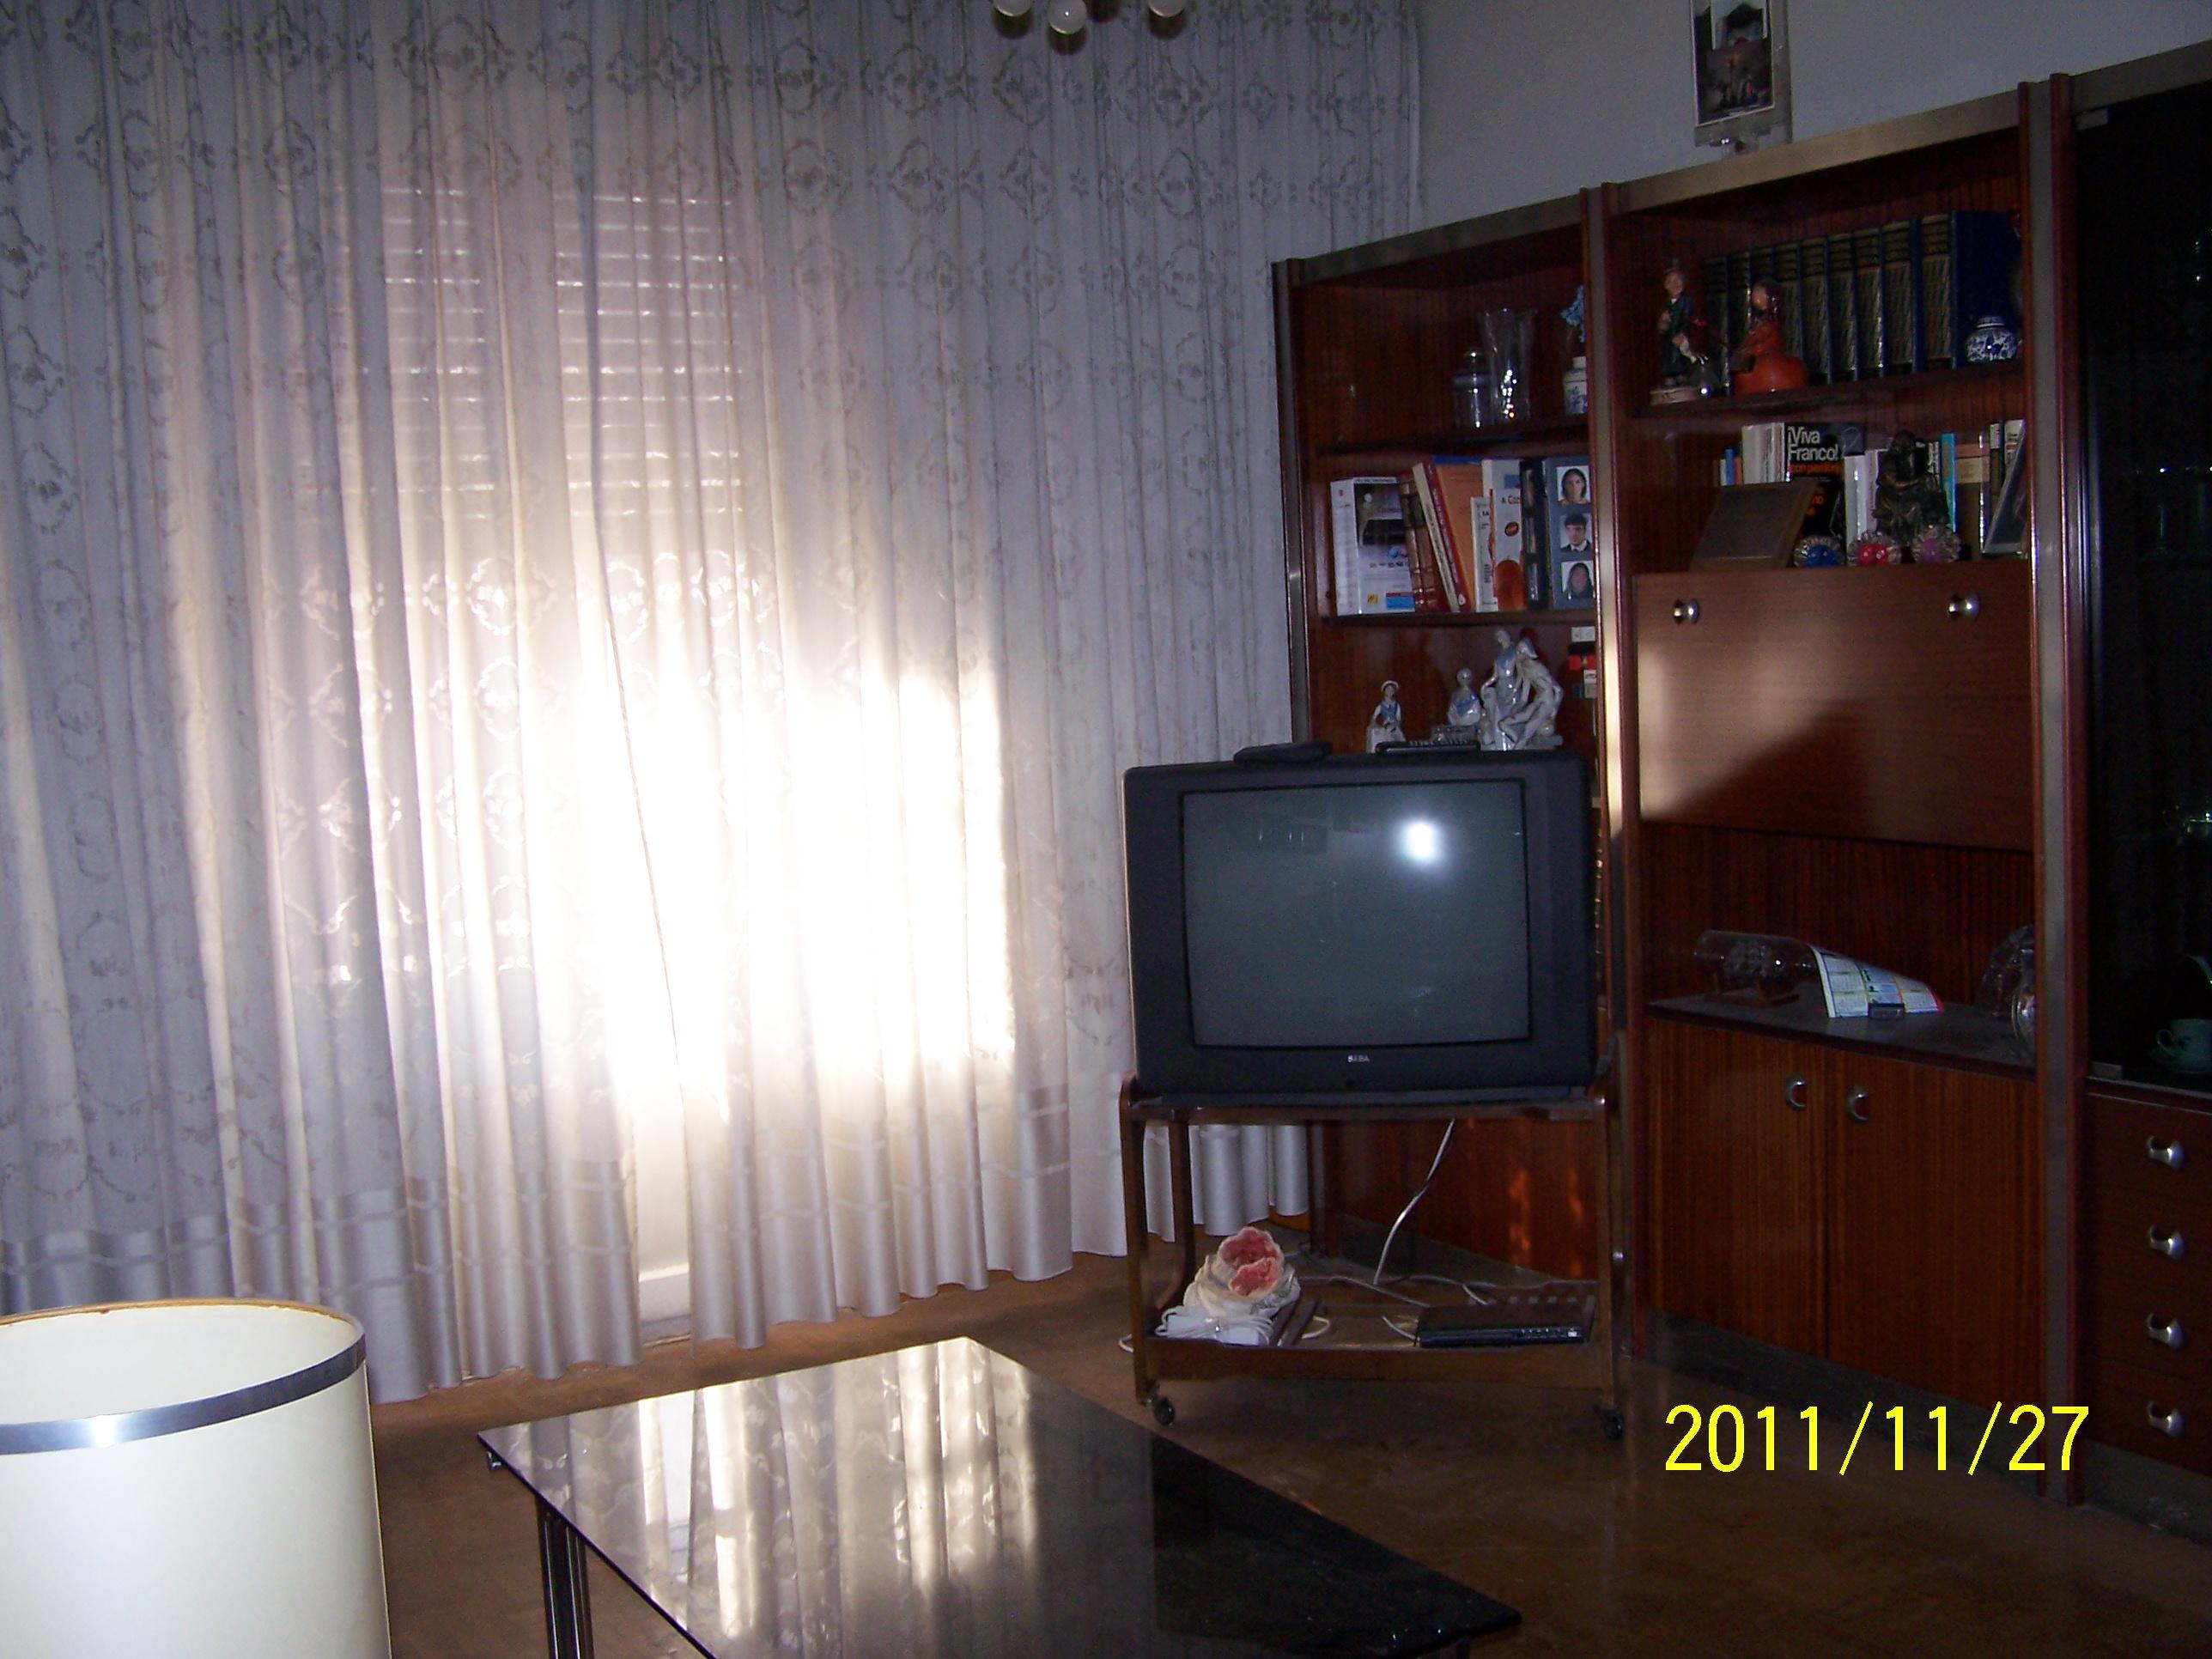 Piso en venta calle ferraz 112 madrid for Cooperativa pisos madrid